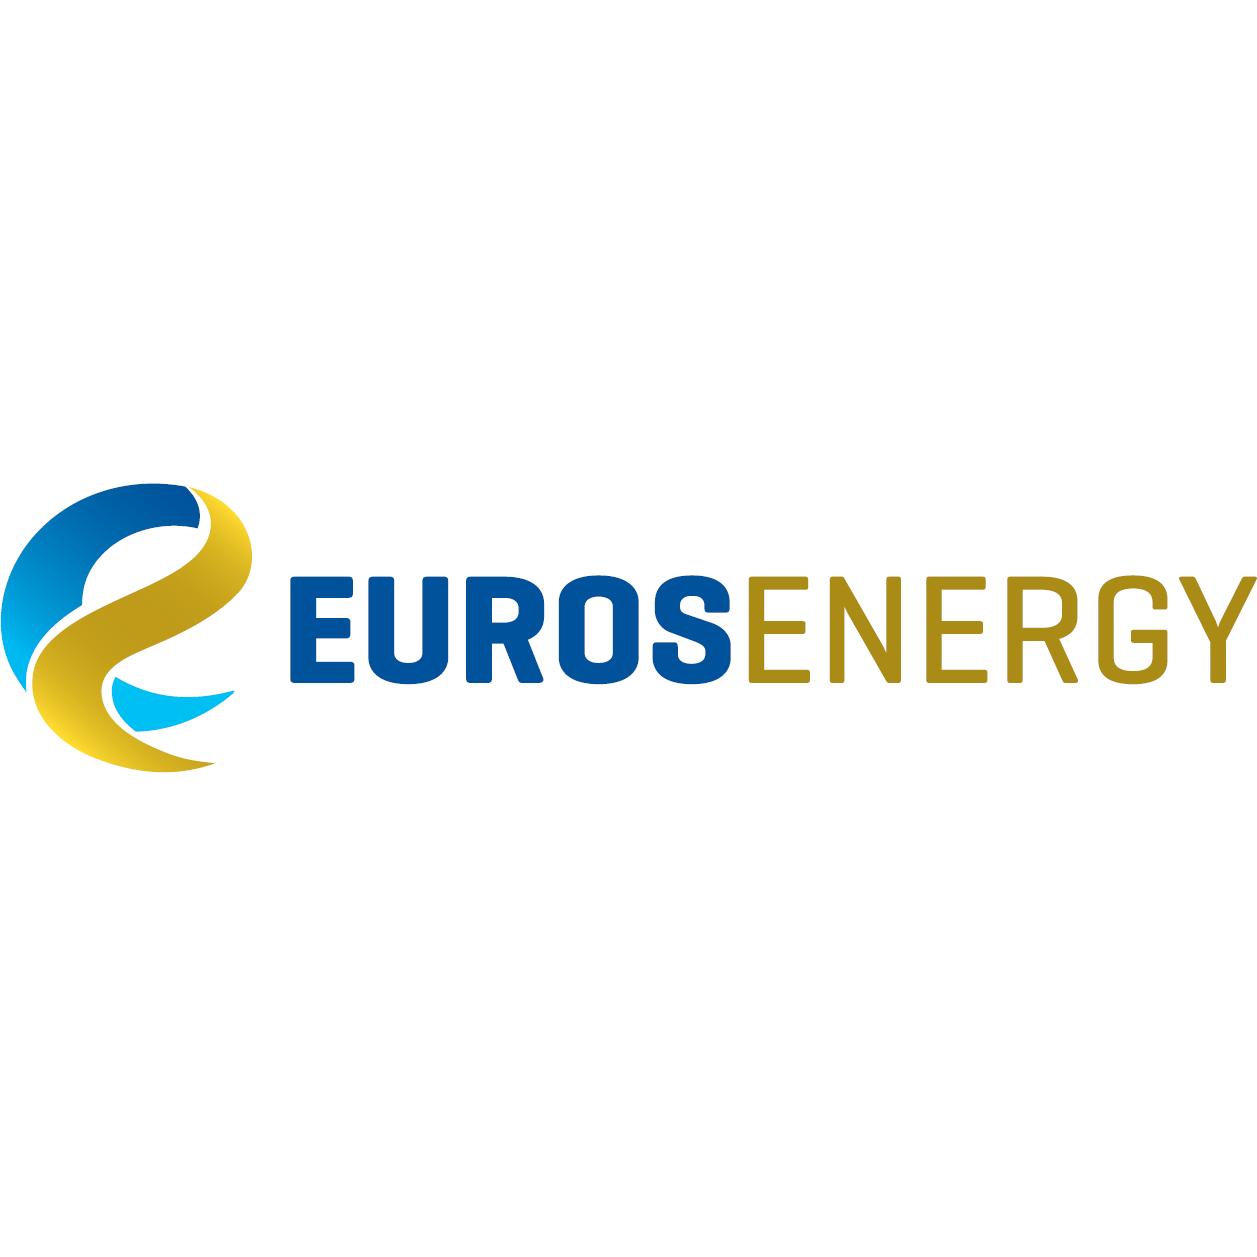 Logo Euros Energy